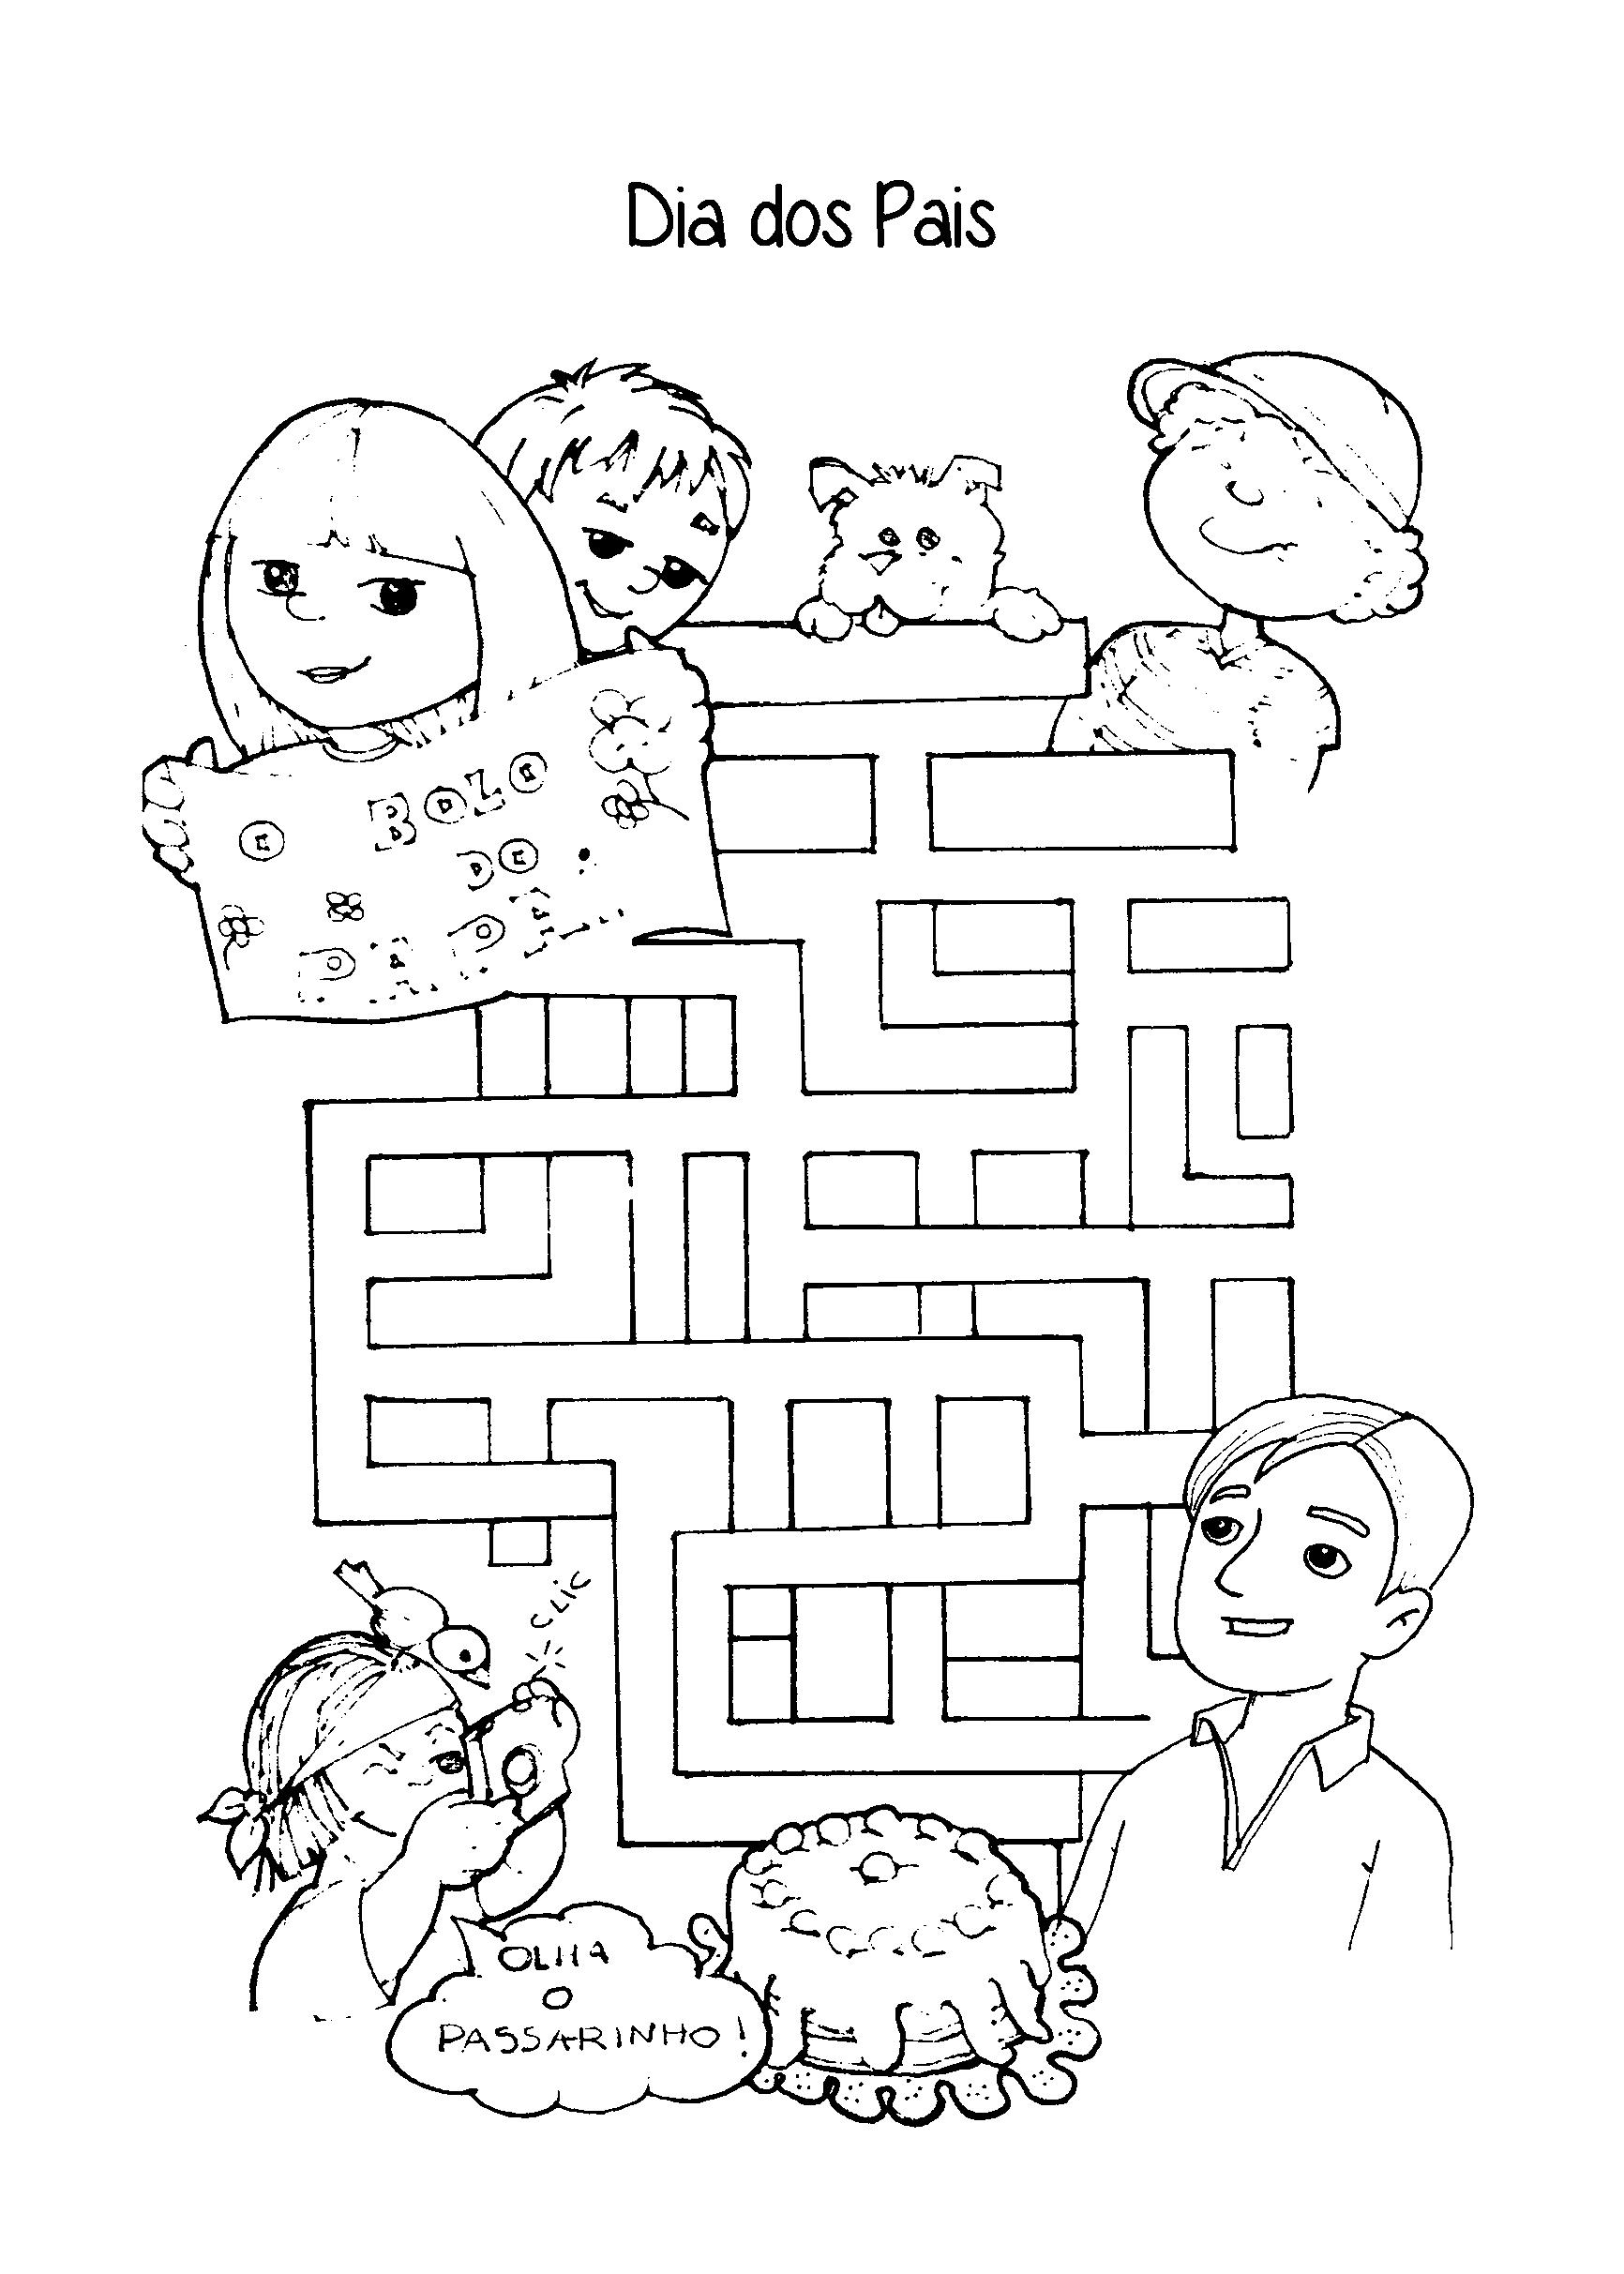 0221-dia-pais-labirinto